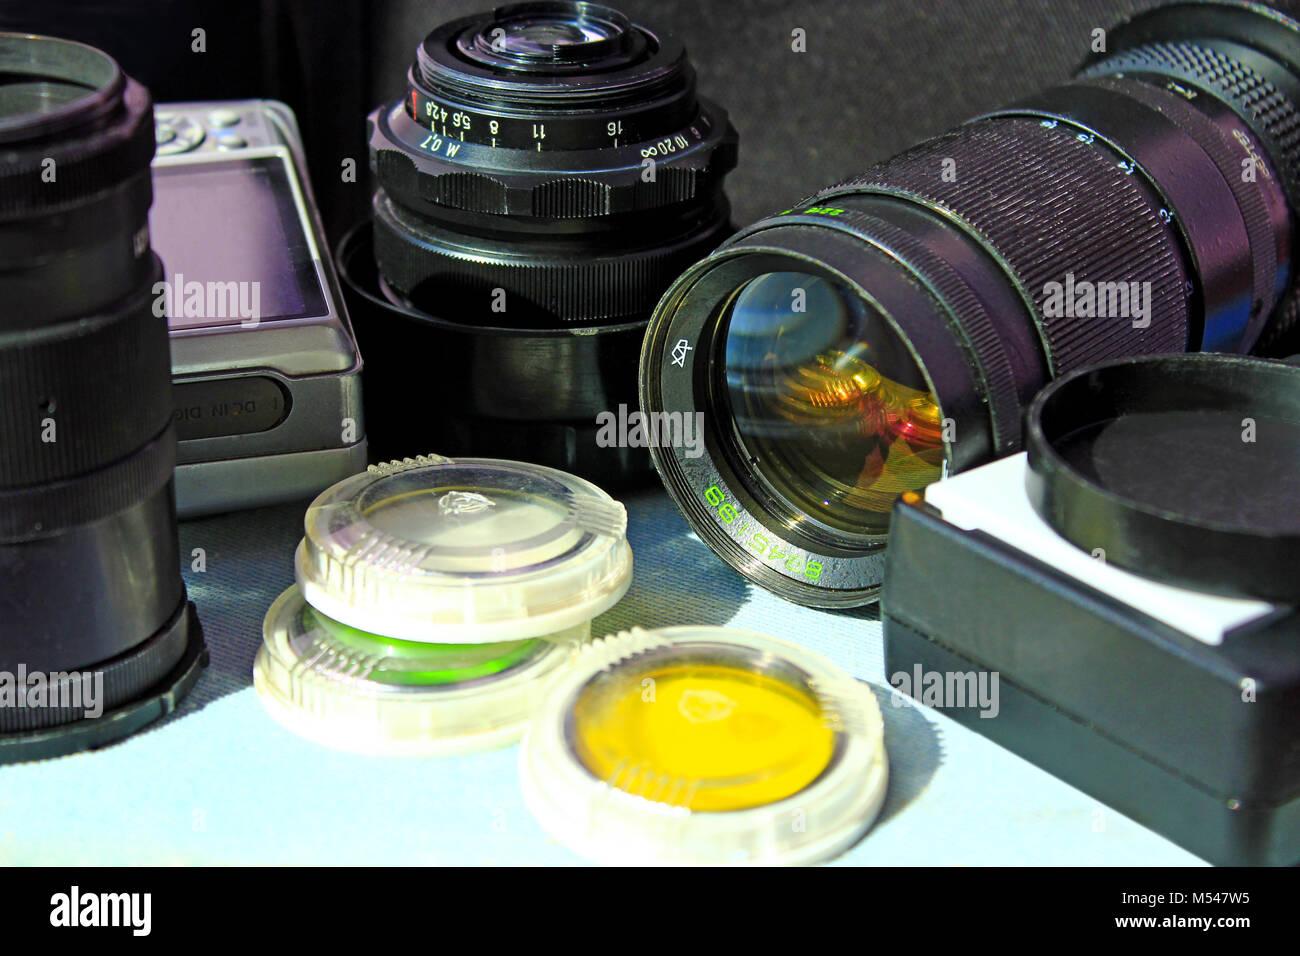 Obiettivo fotografico photofilters e altri accessori foto Immagini Stock